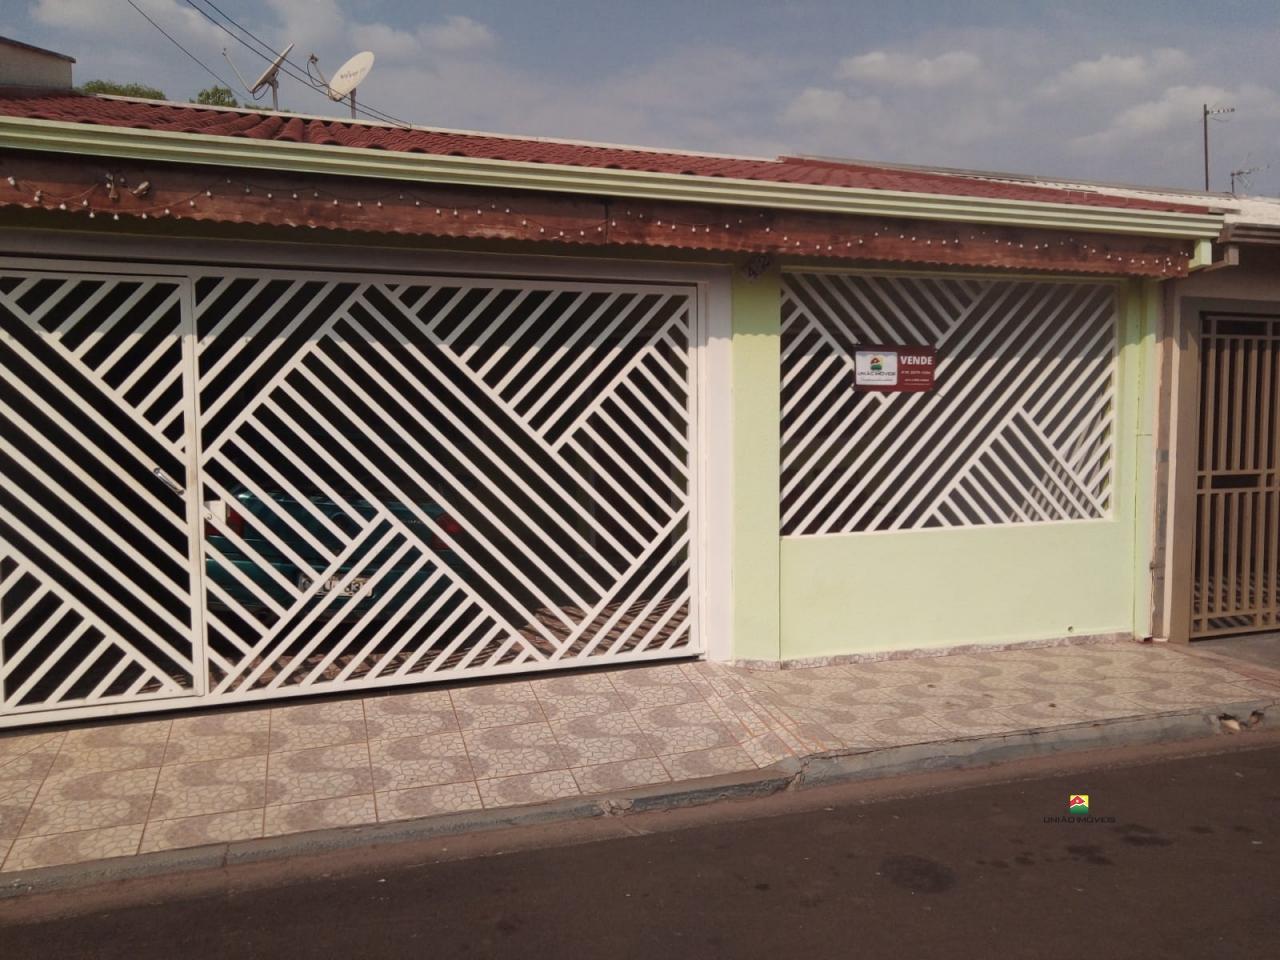 http://www2.sgn2.com.br/clientes/itirapina/vda/v2551a.jpg